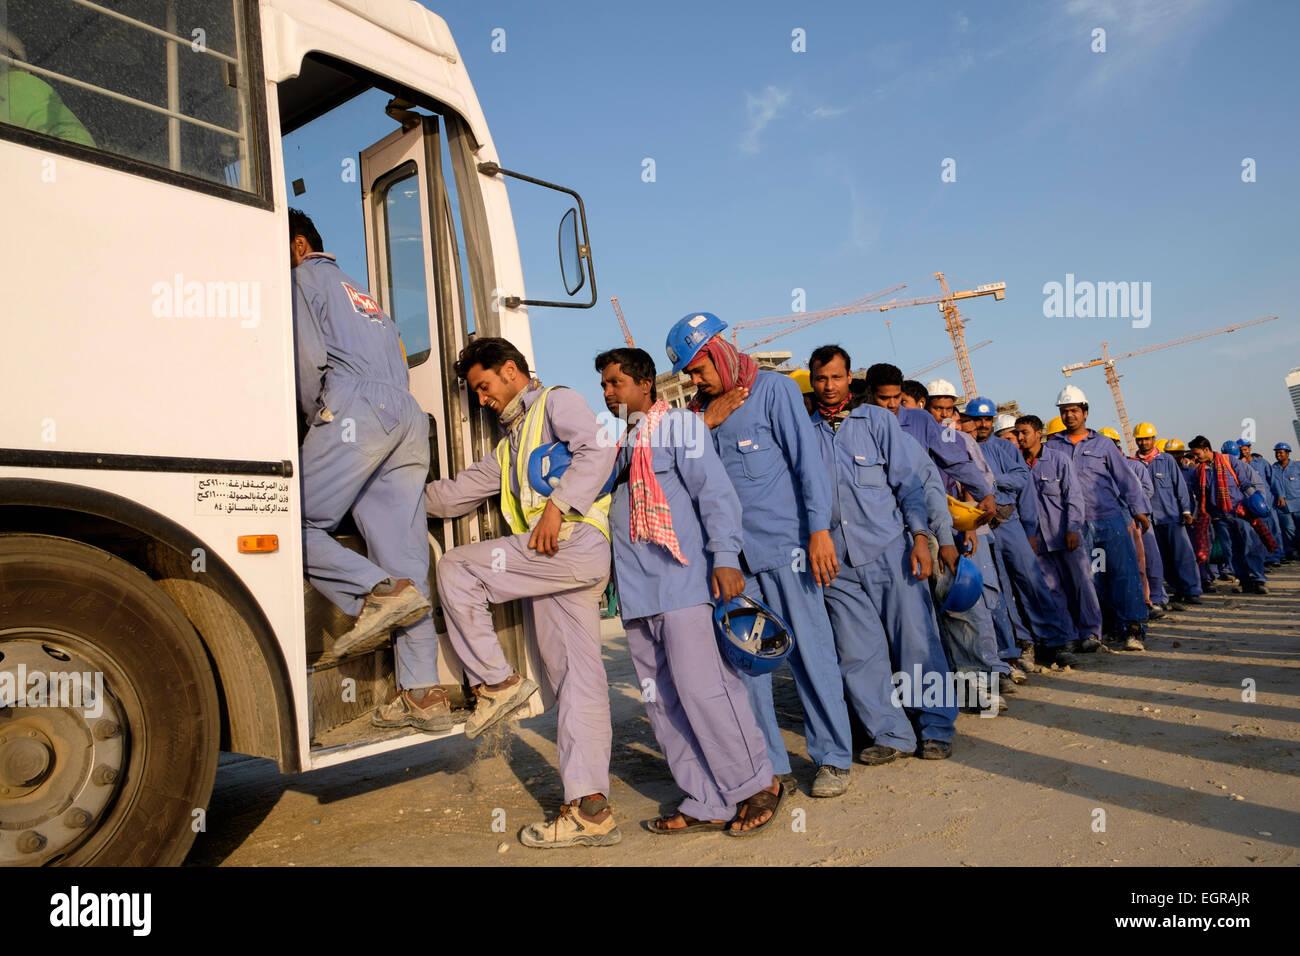 Los trabajadores de la construcción en colas para llegar en autobús a cuartos vivos al final de la jornada Imagen De Stock